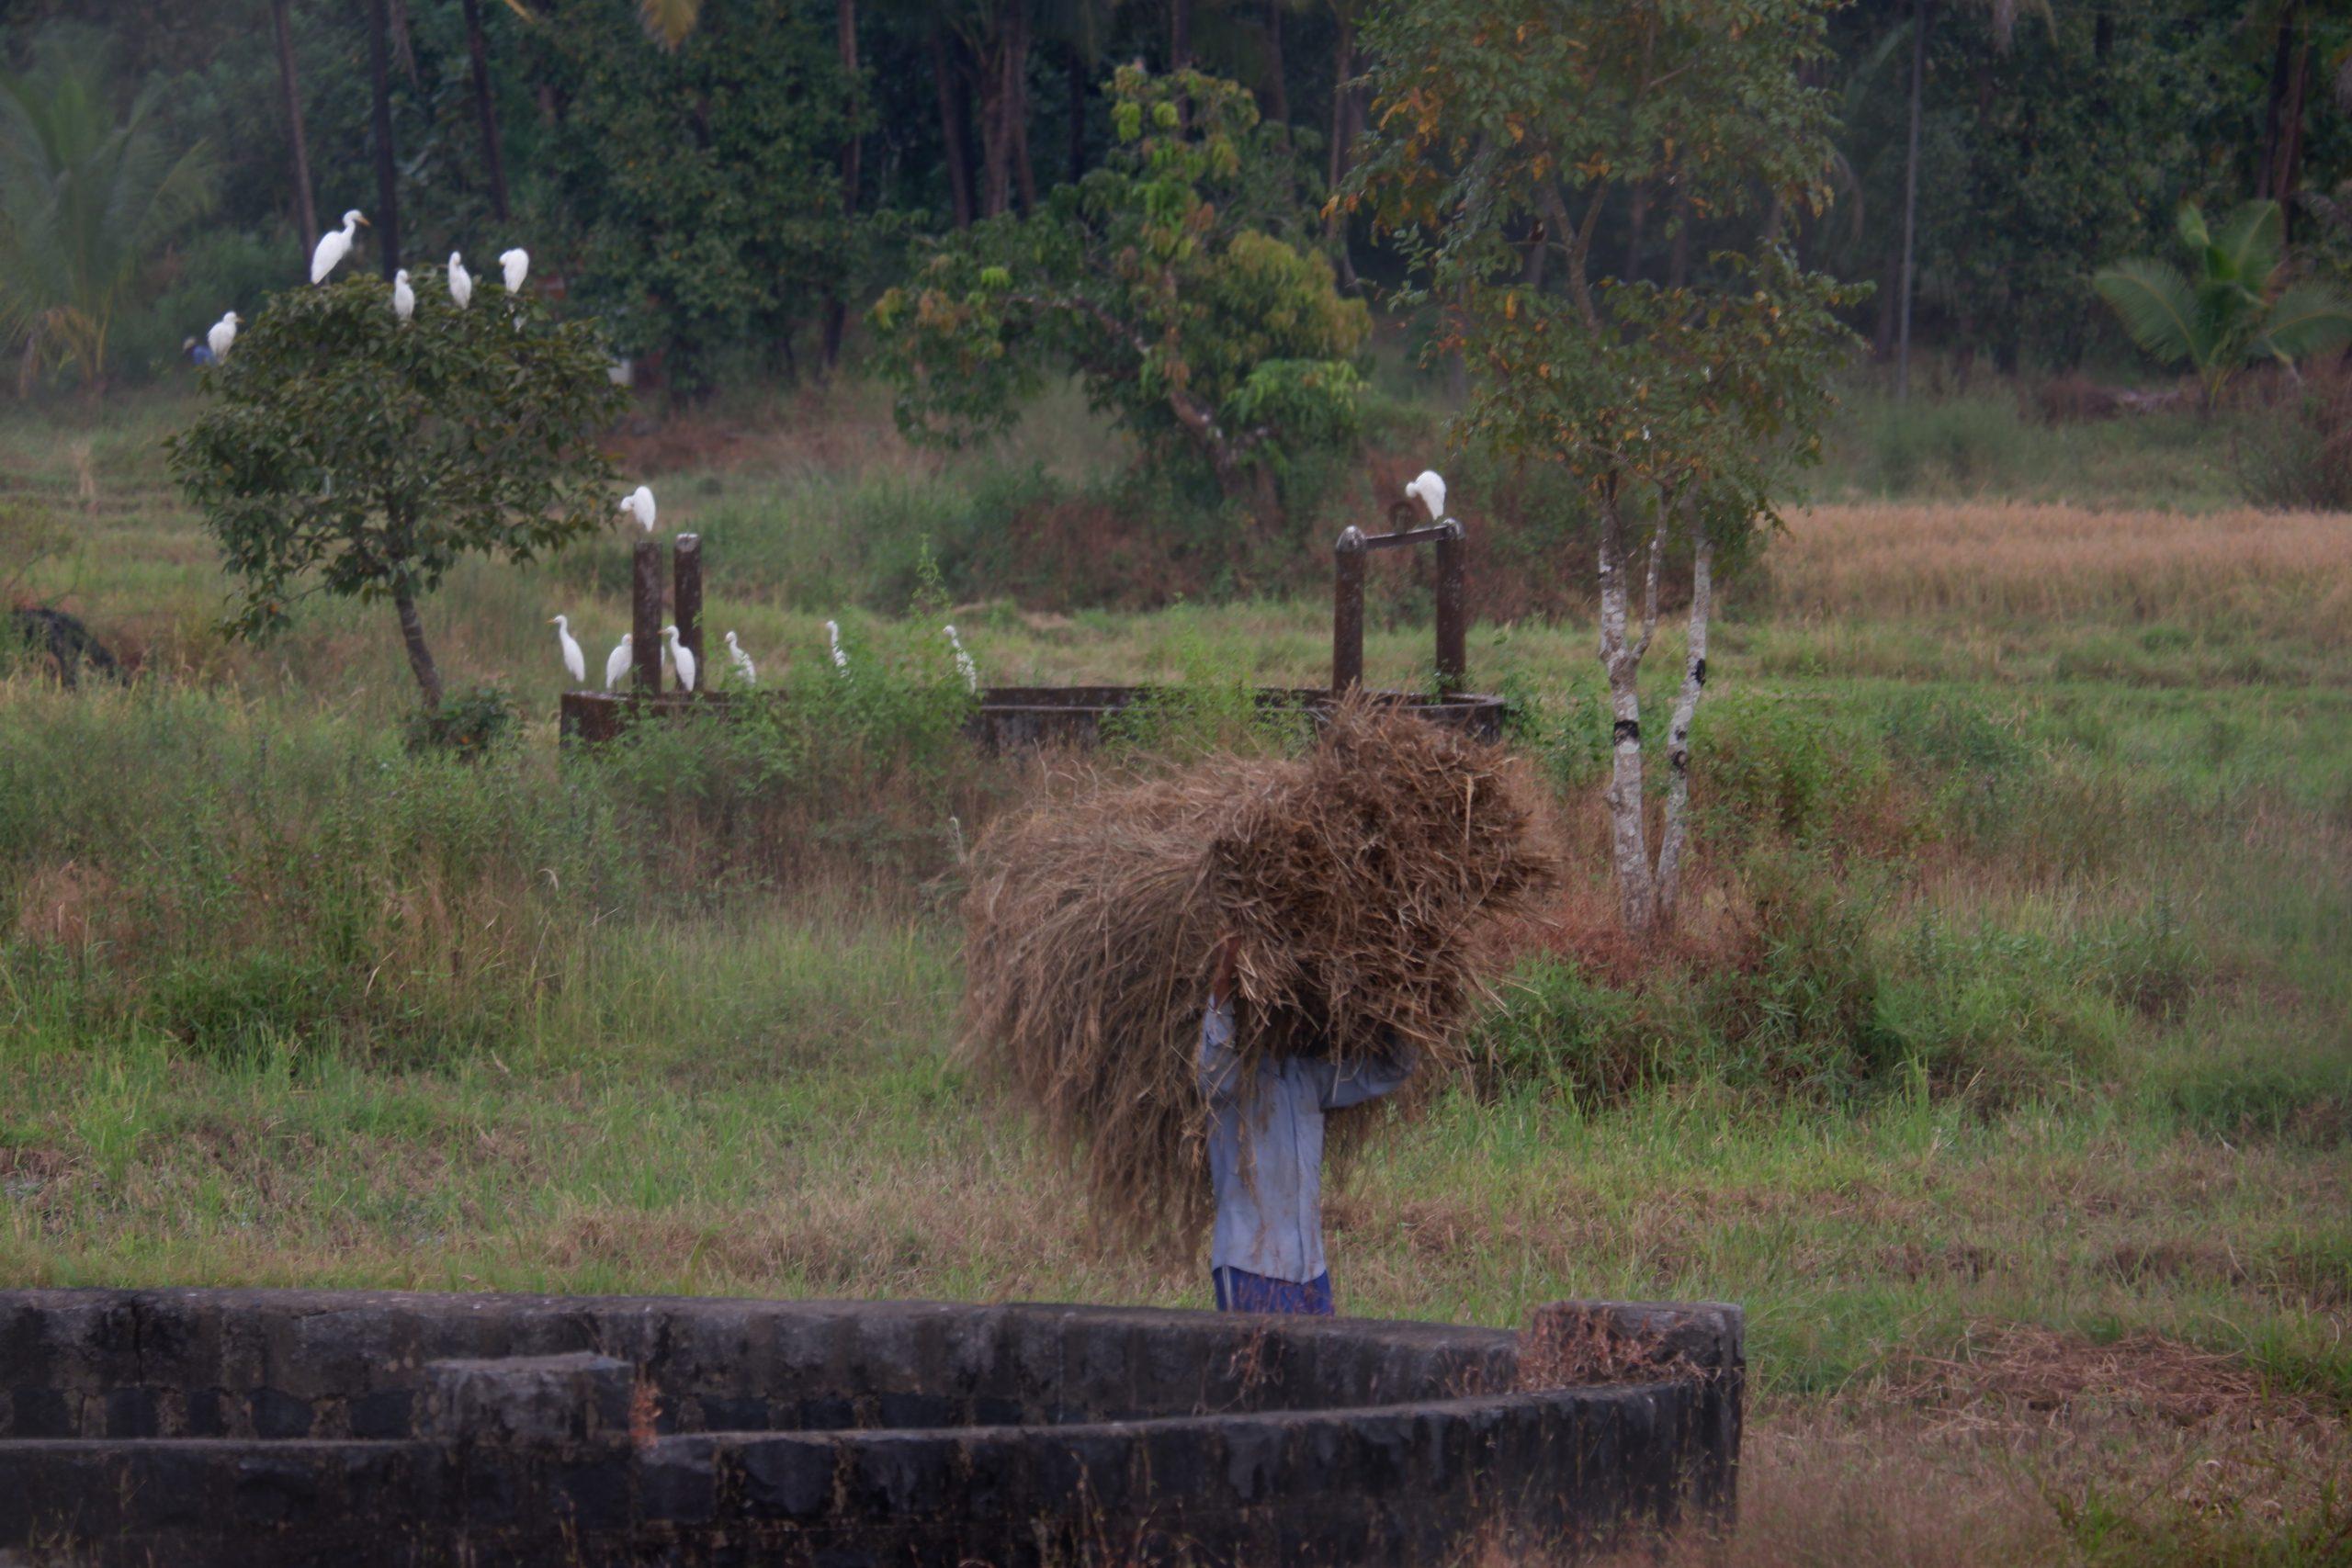 A farmer carrying fodder